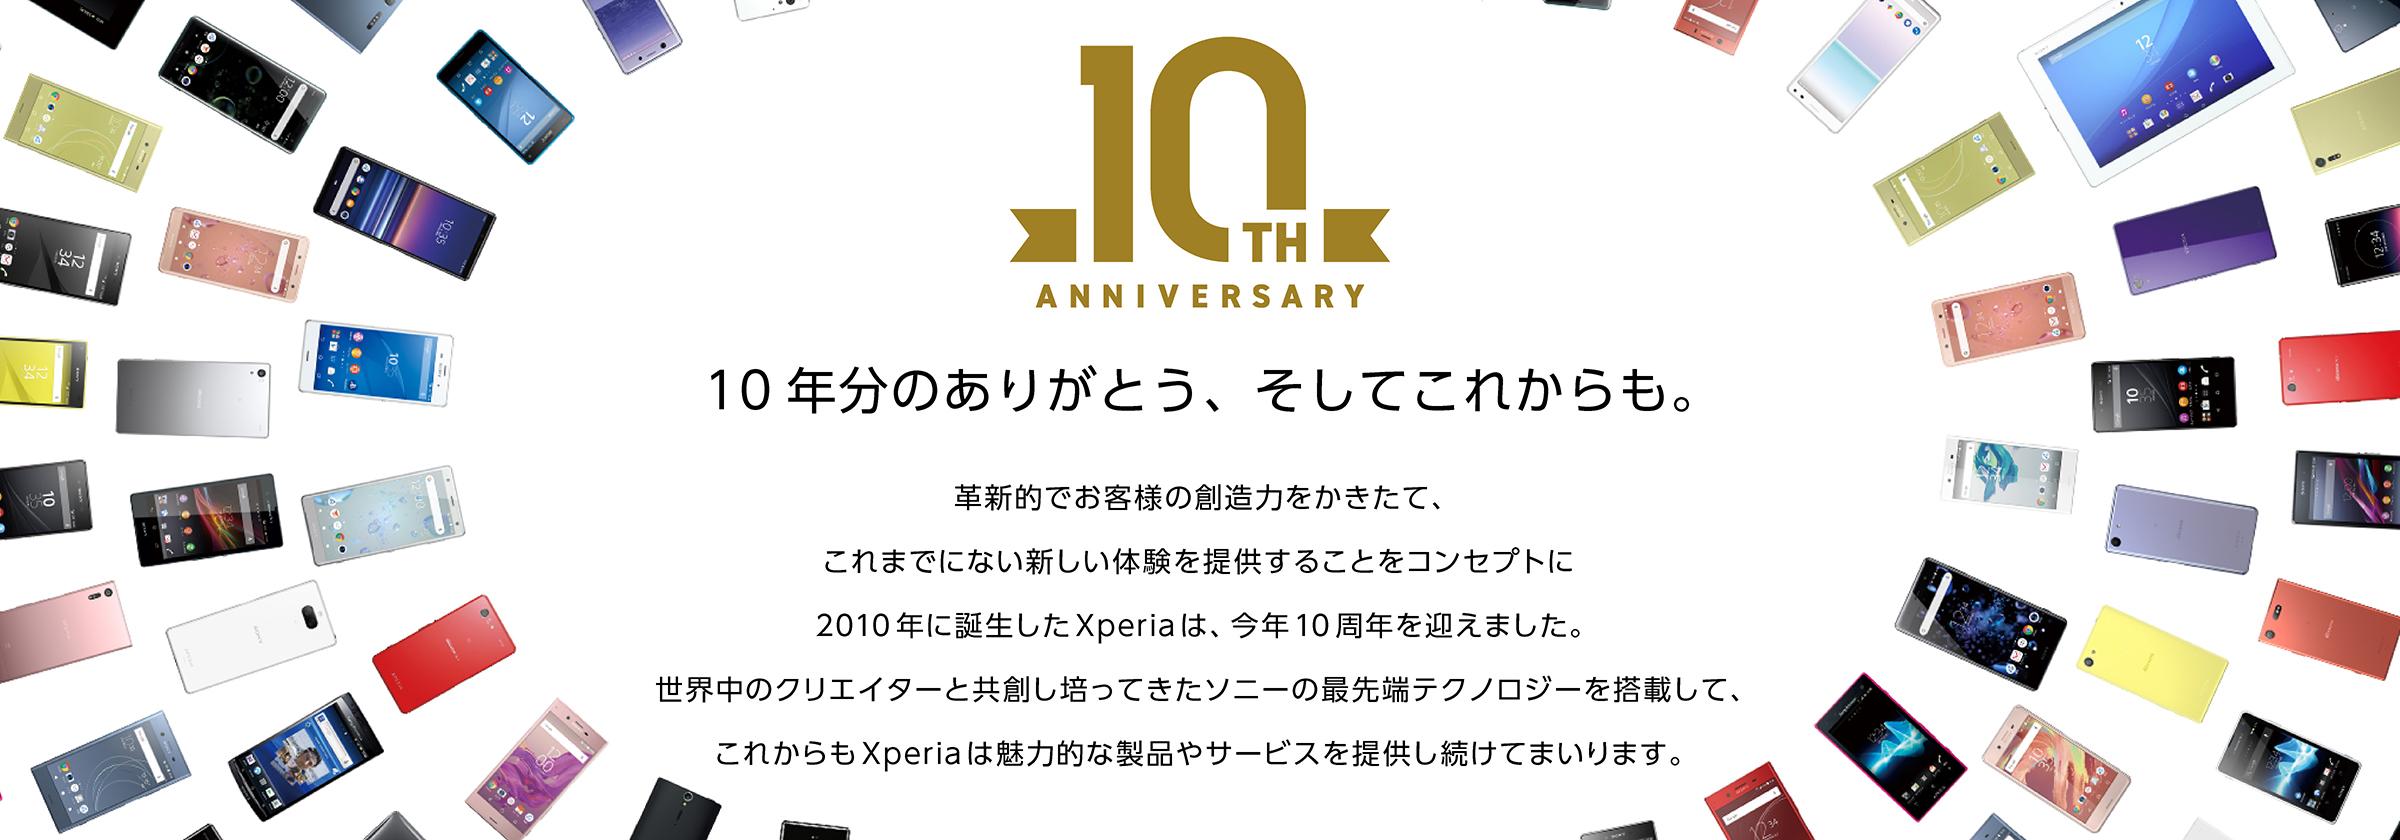 Xperia 10周年キャンペーン